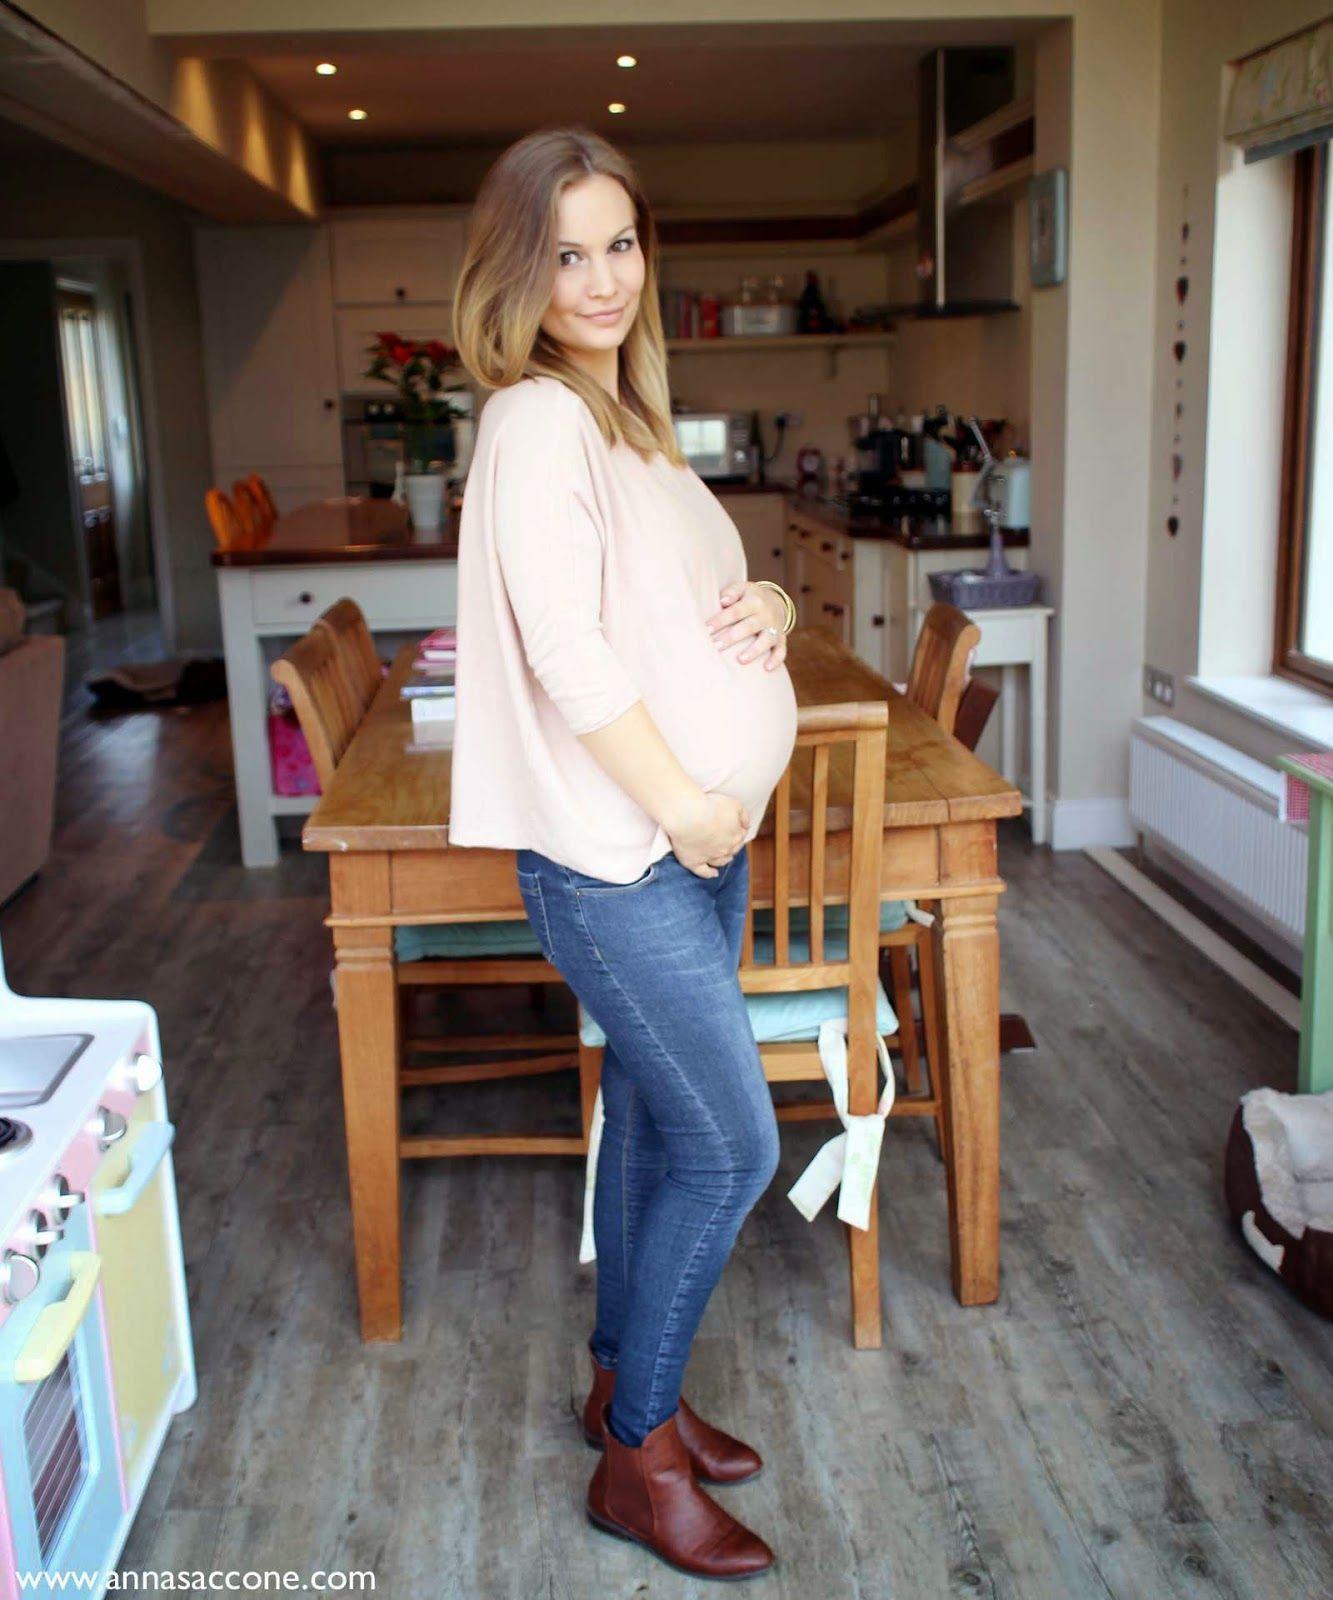 Épinglé sur pregnant